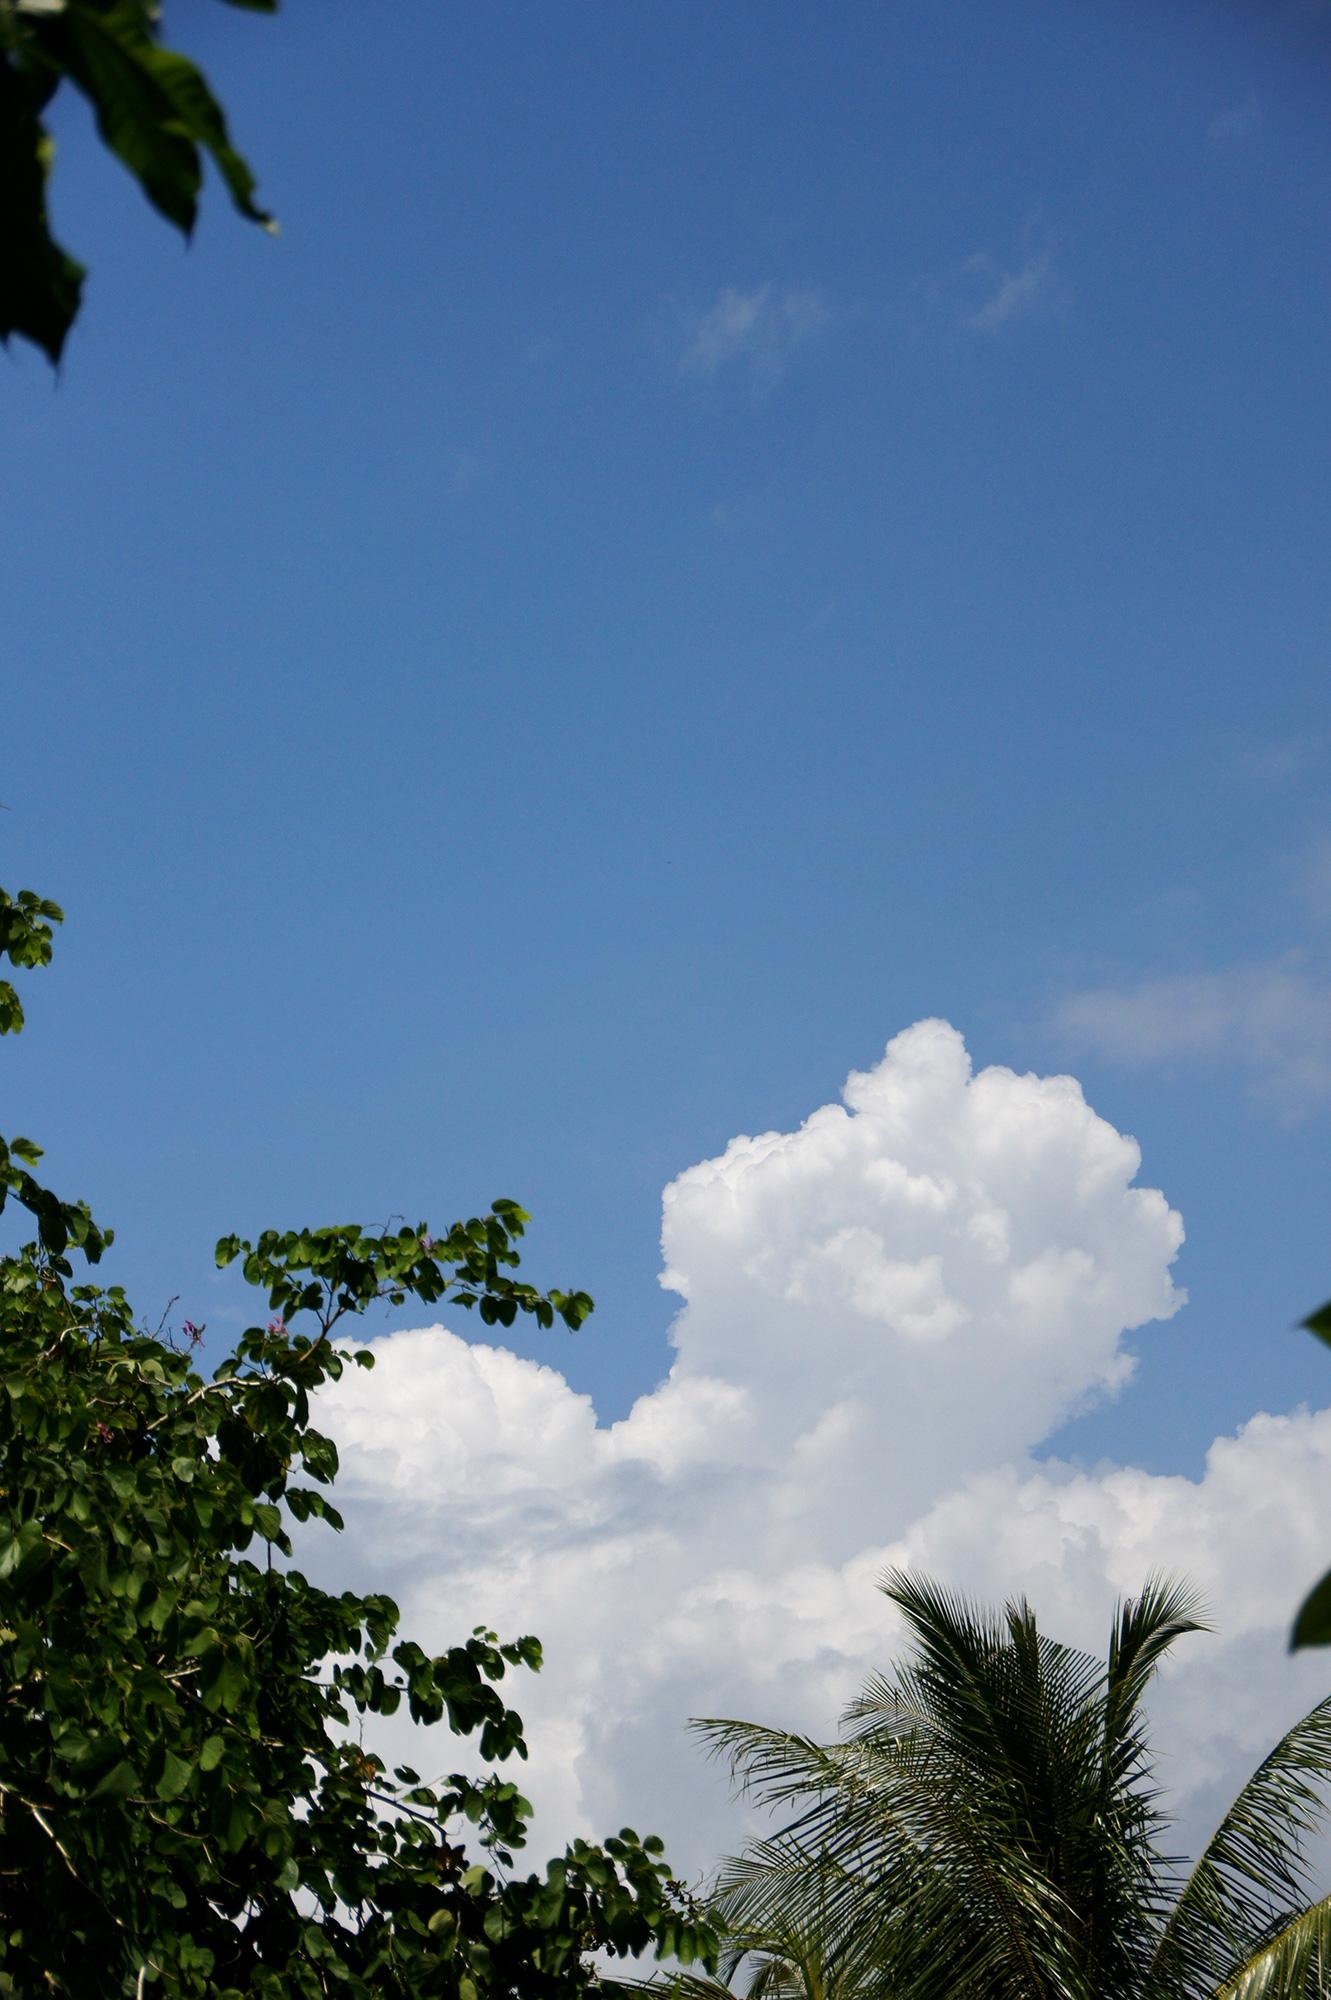 入道雲と青空のフリー写真素材